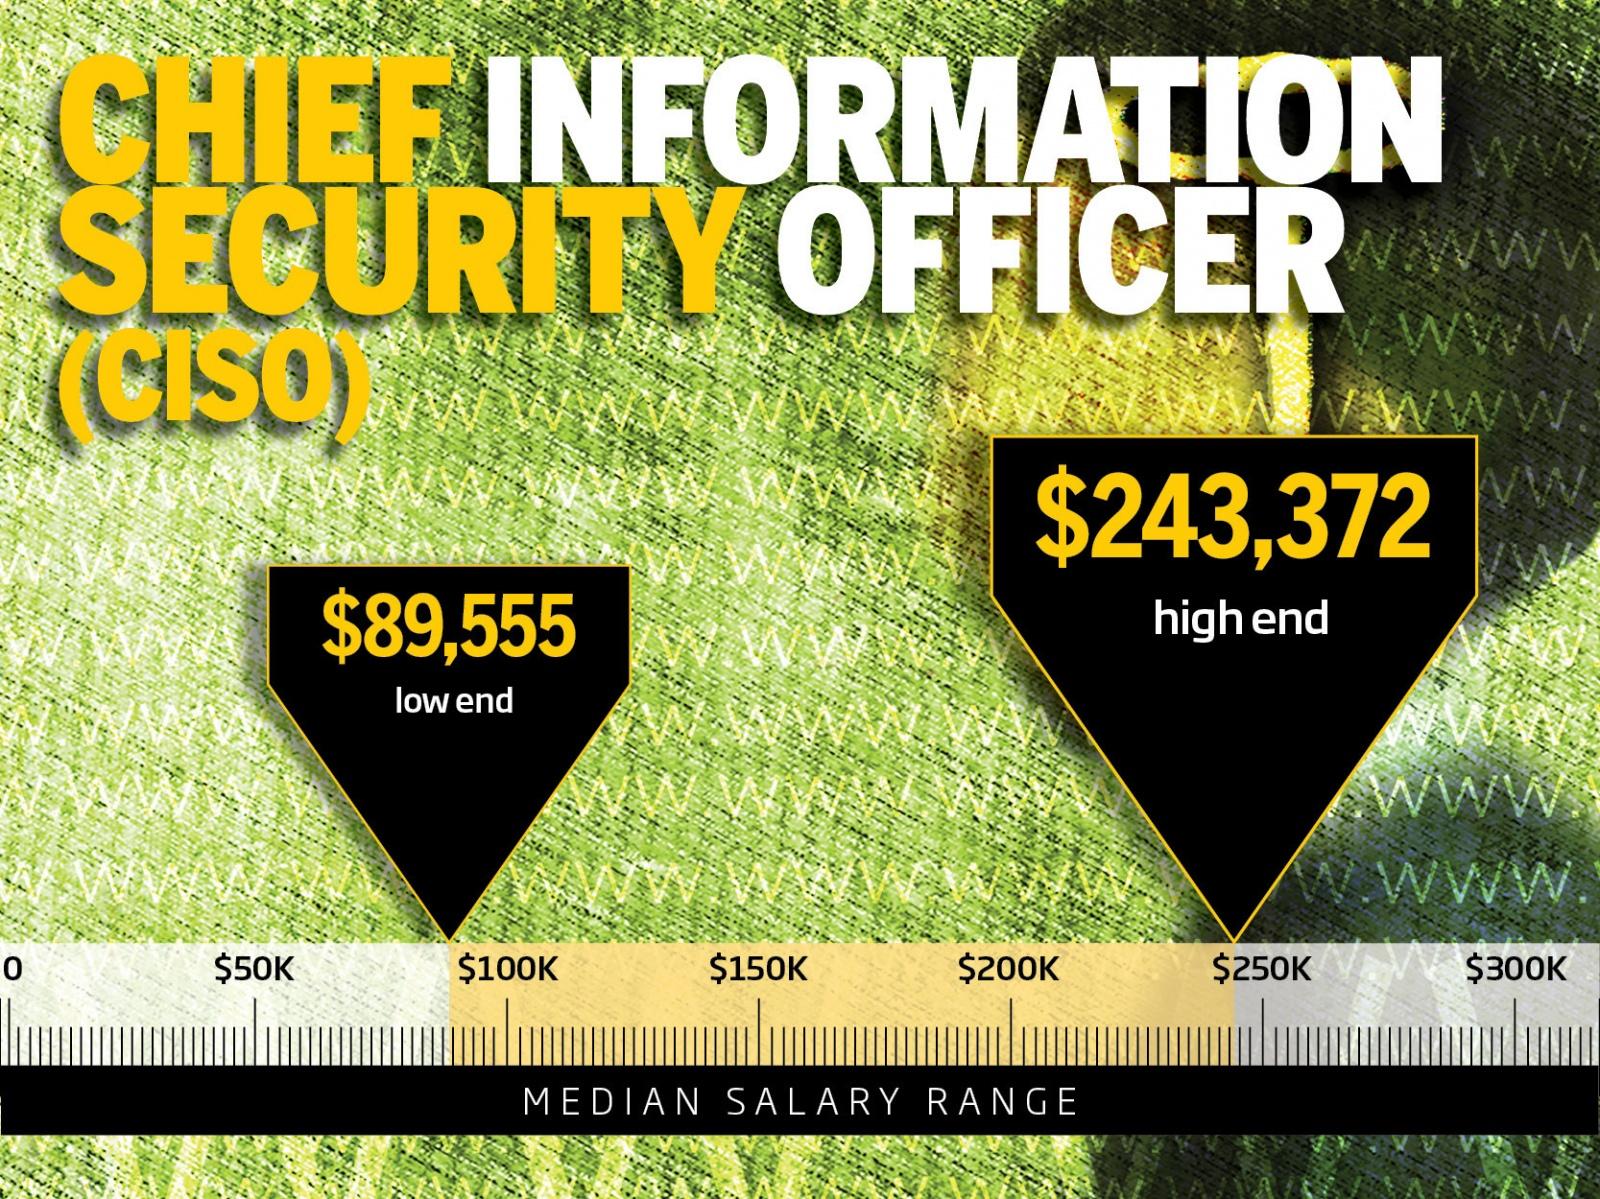 ТОП-10 самых высокооплачиваемых профессий в IT-безопасности - 6